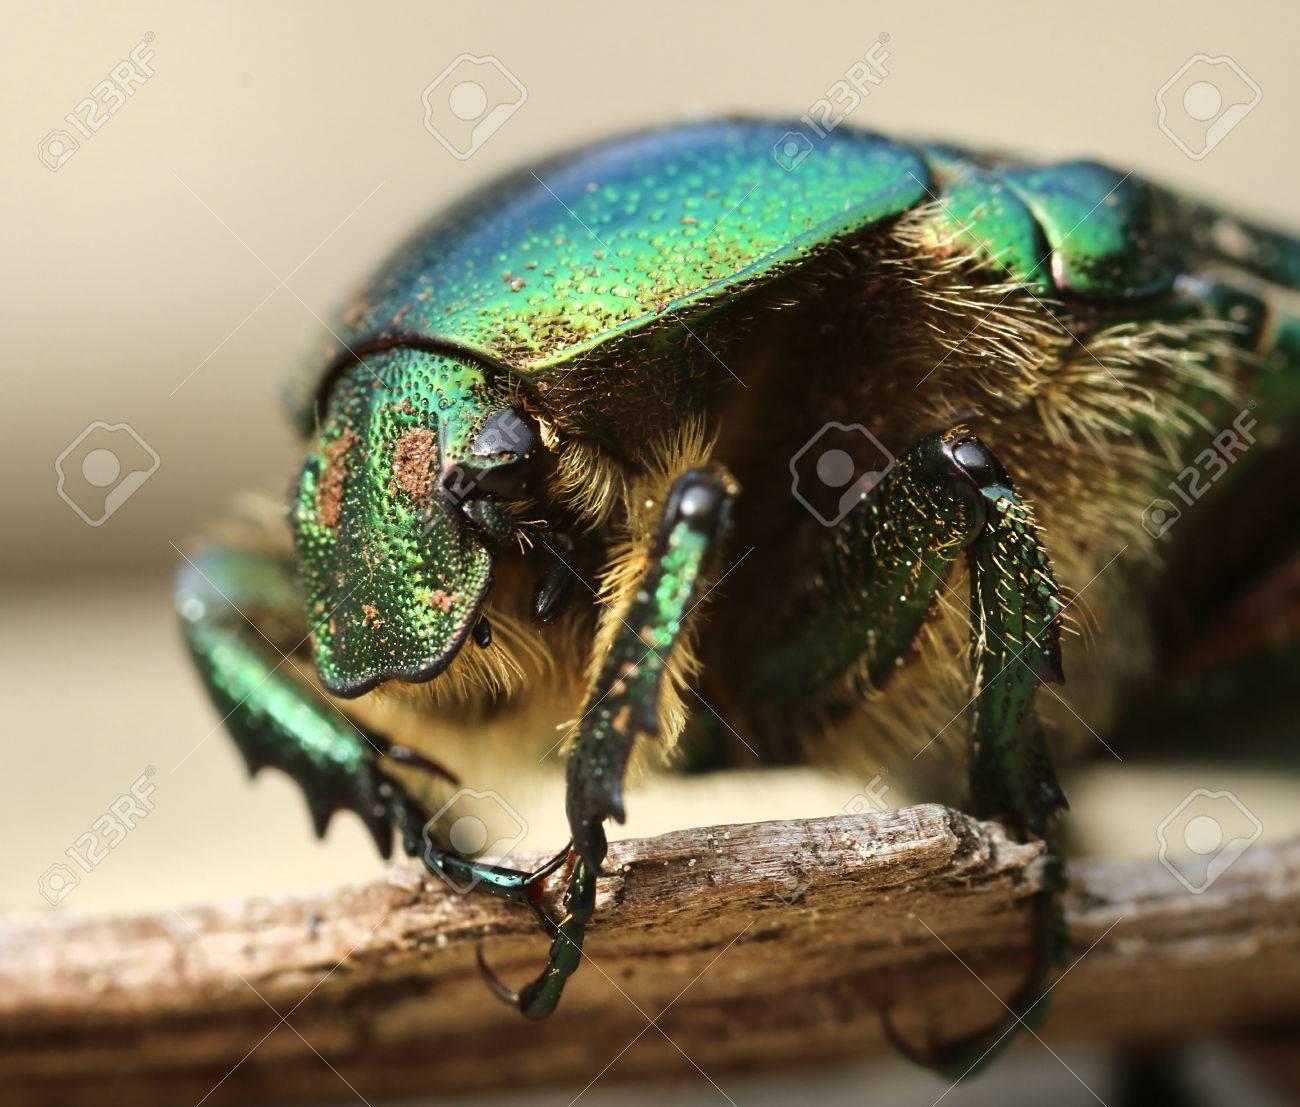 Anatomie einer Rose käfer Makro Nahaufnahme